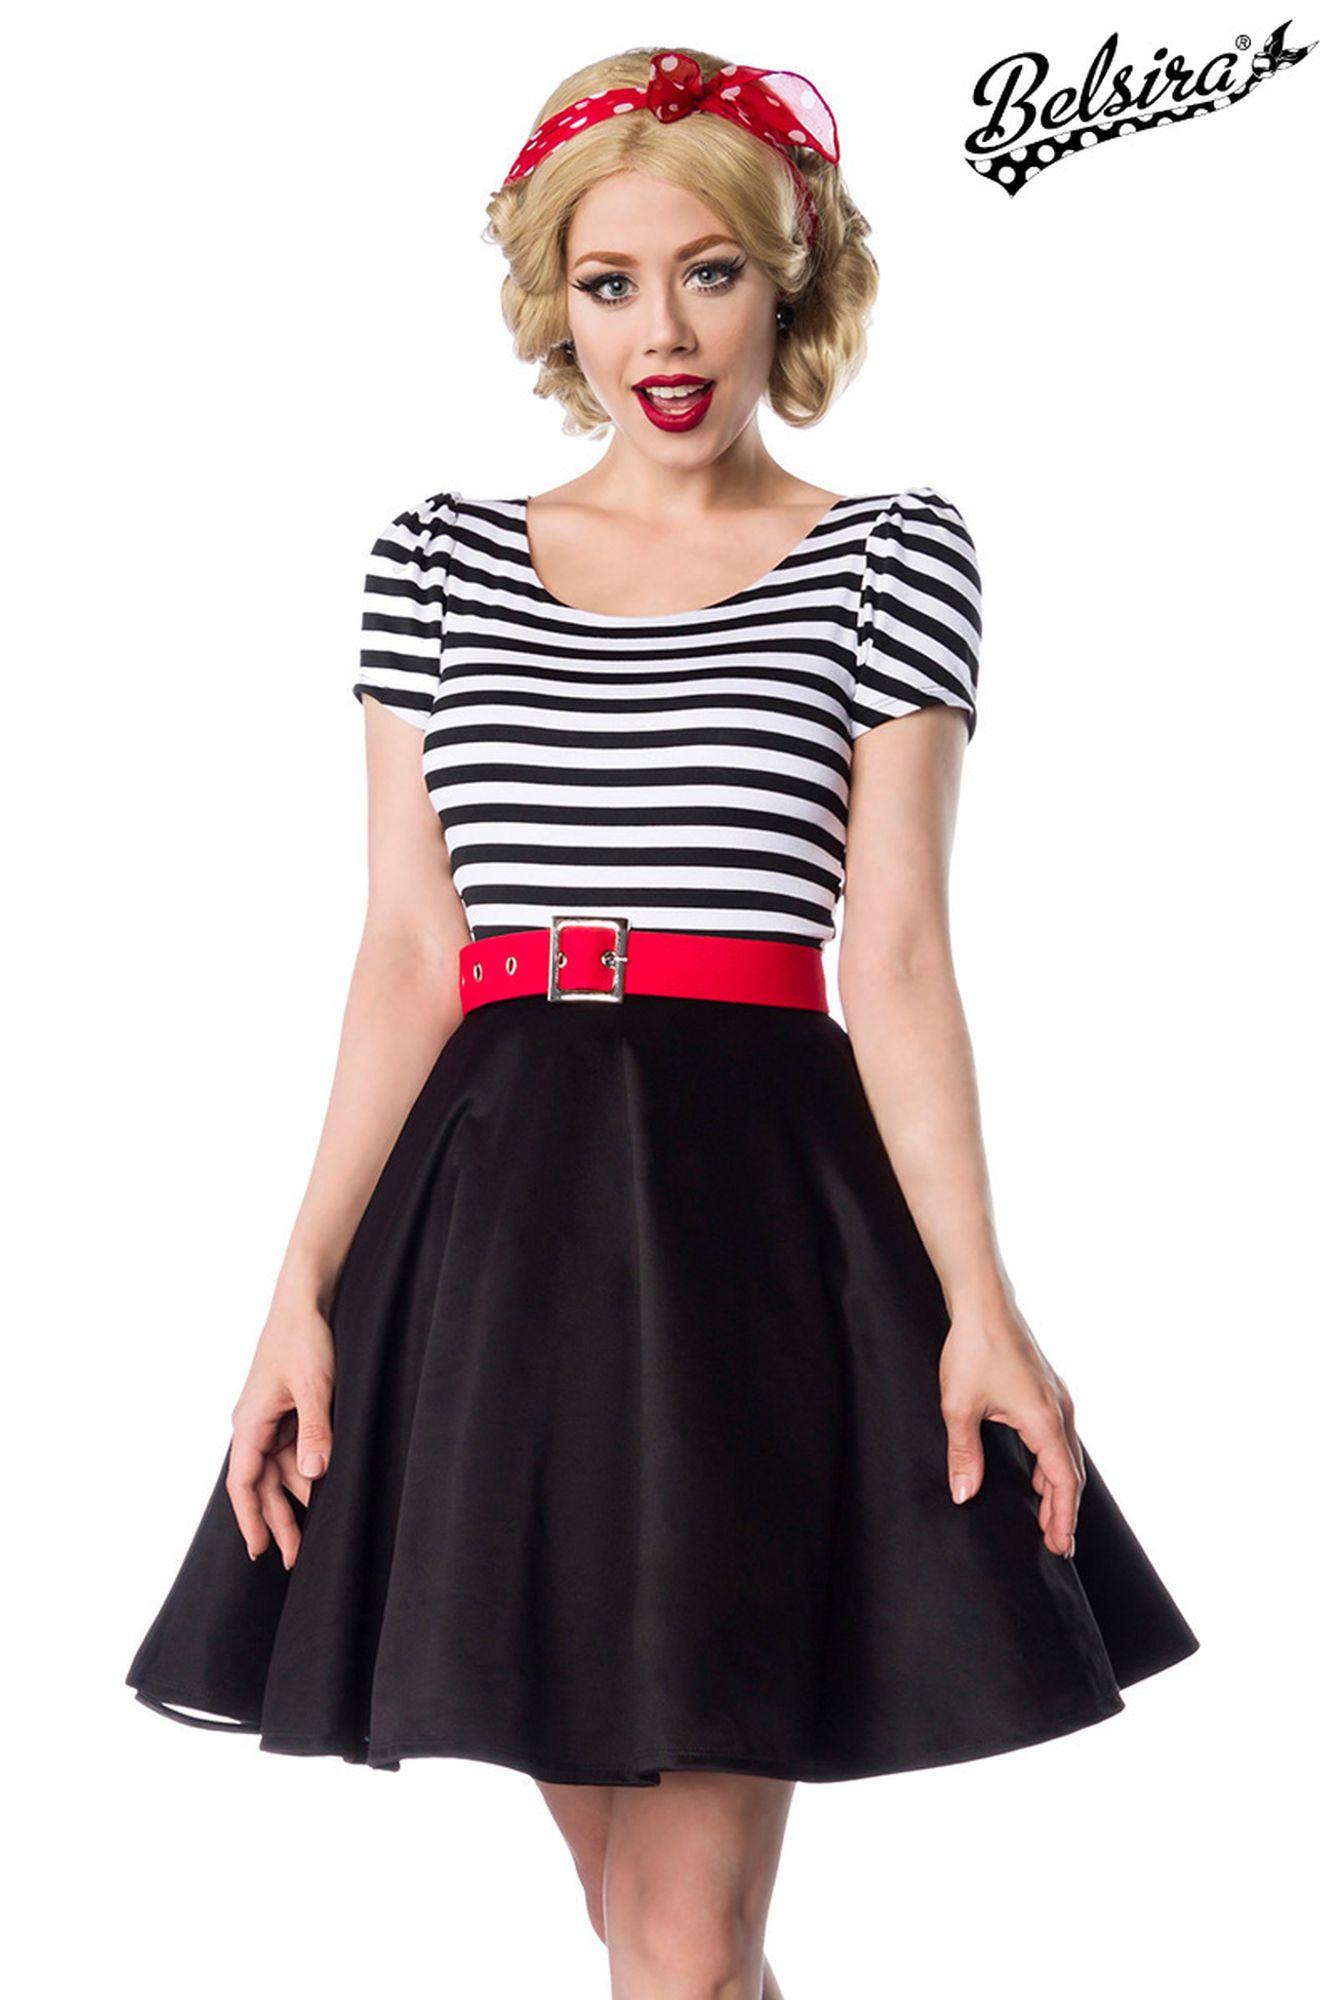 Belsira Jersey Kleid - schwarz/weiß